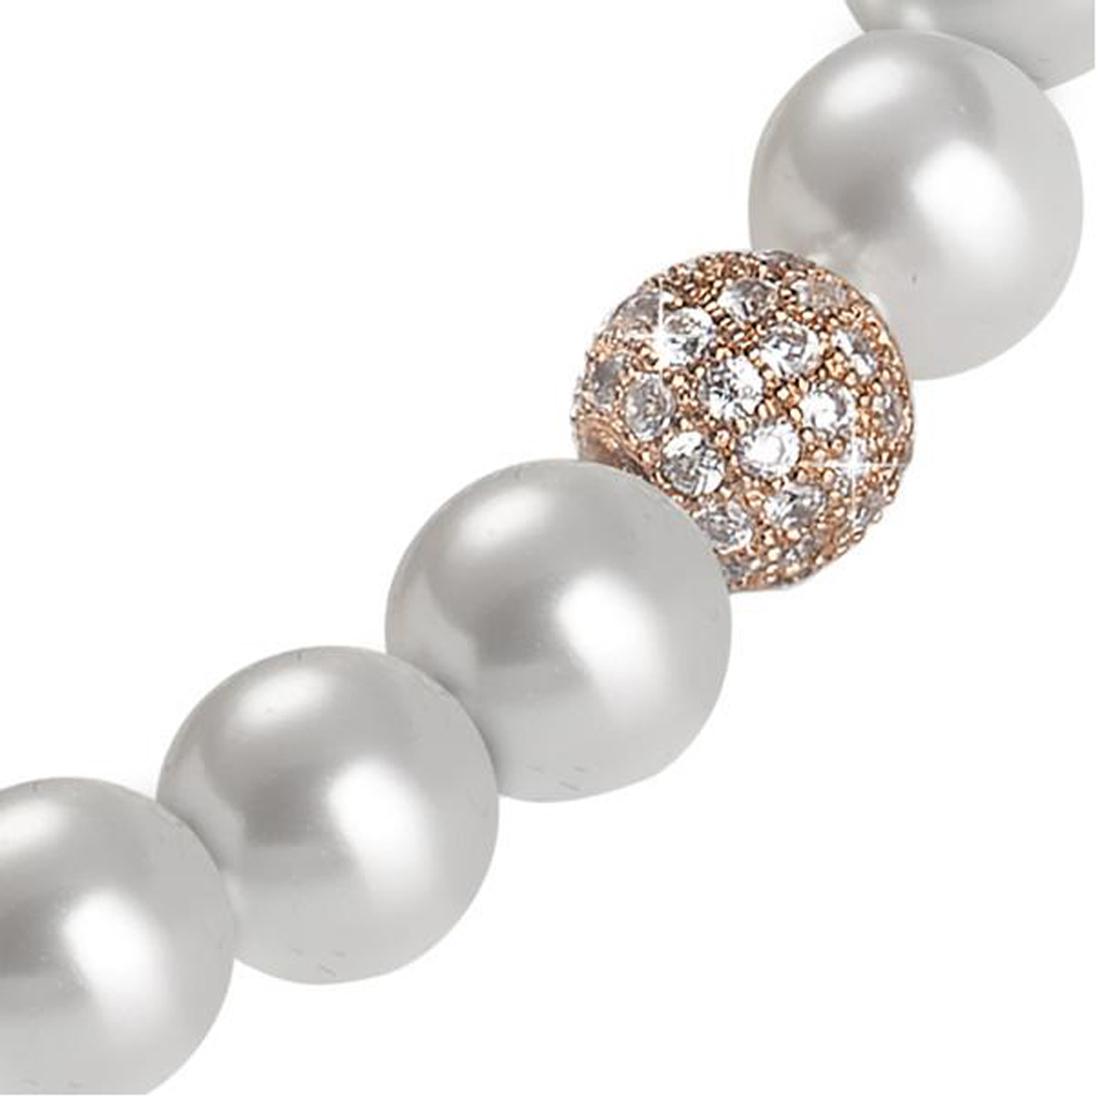 b995a2faebac8b BOCCADAMO Bracciale Perle Swarovski, Argento e Zirconi BR466RS – il gioiello